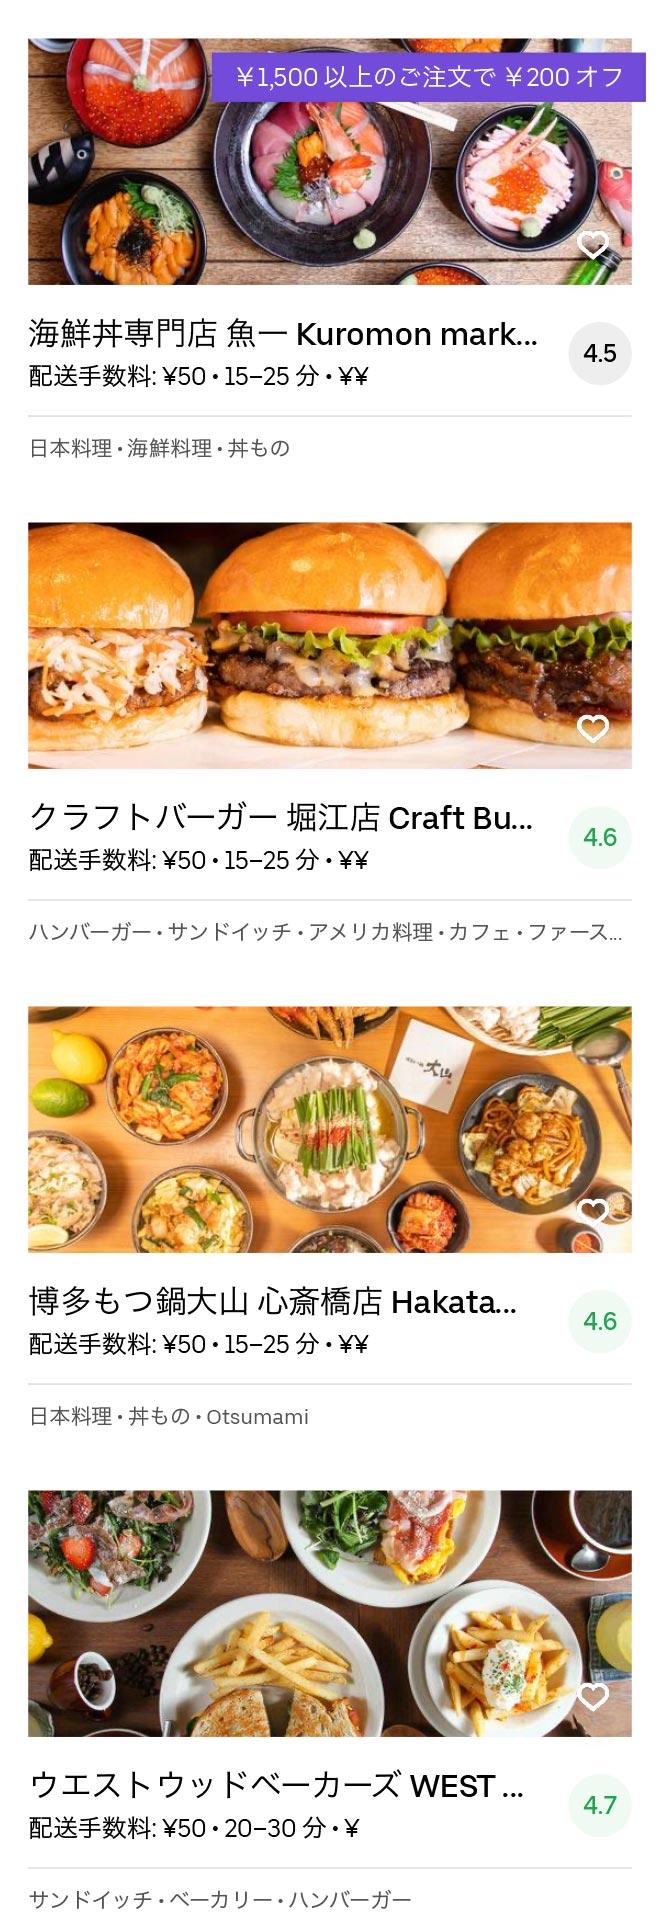 Osaka nanba menu 2005 09